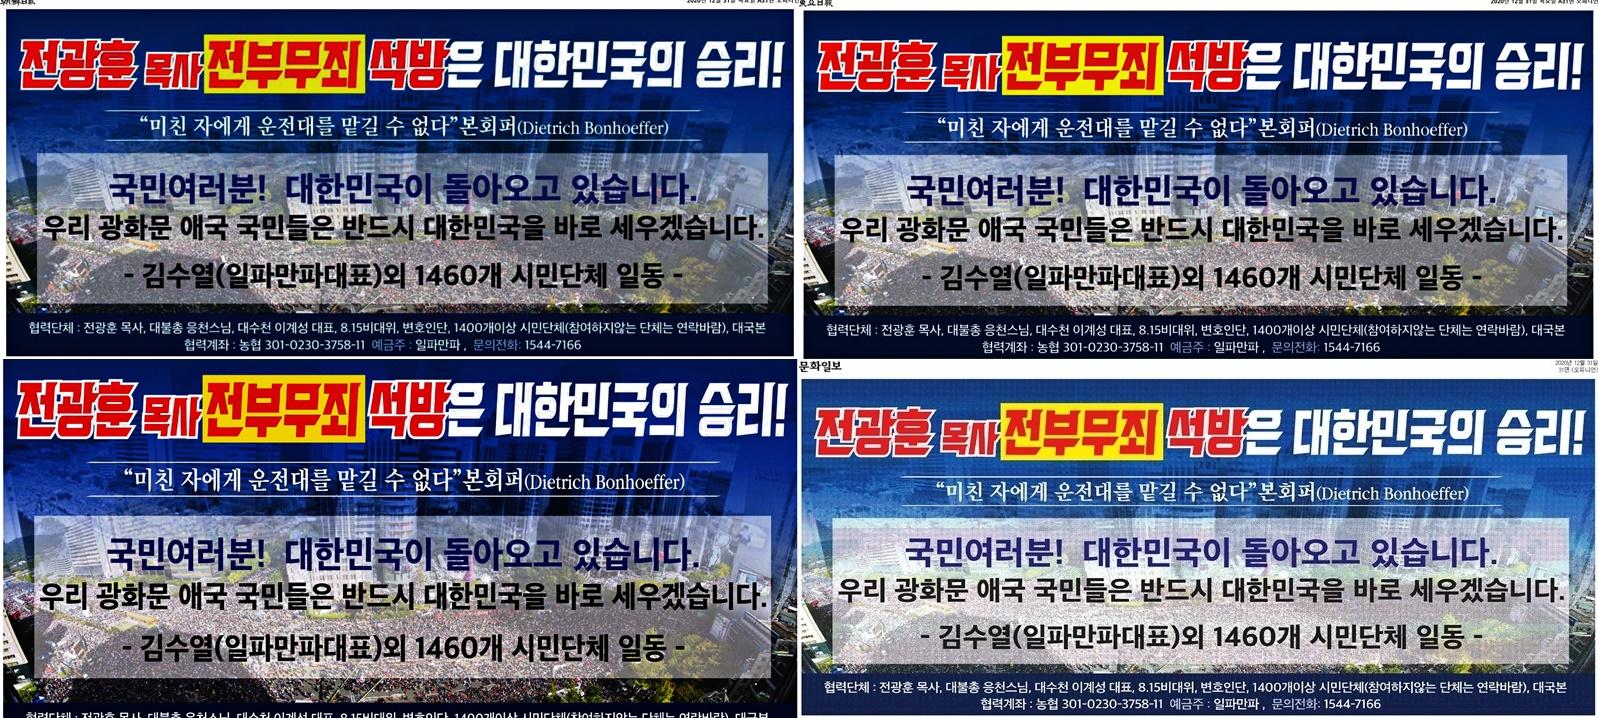 31일 조선 중앙 동아 문화 하단.jpg